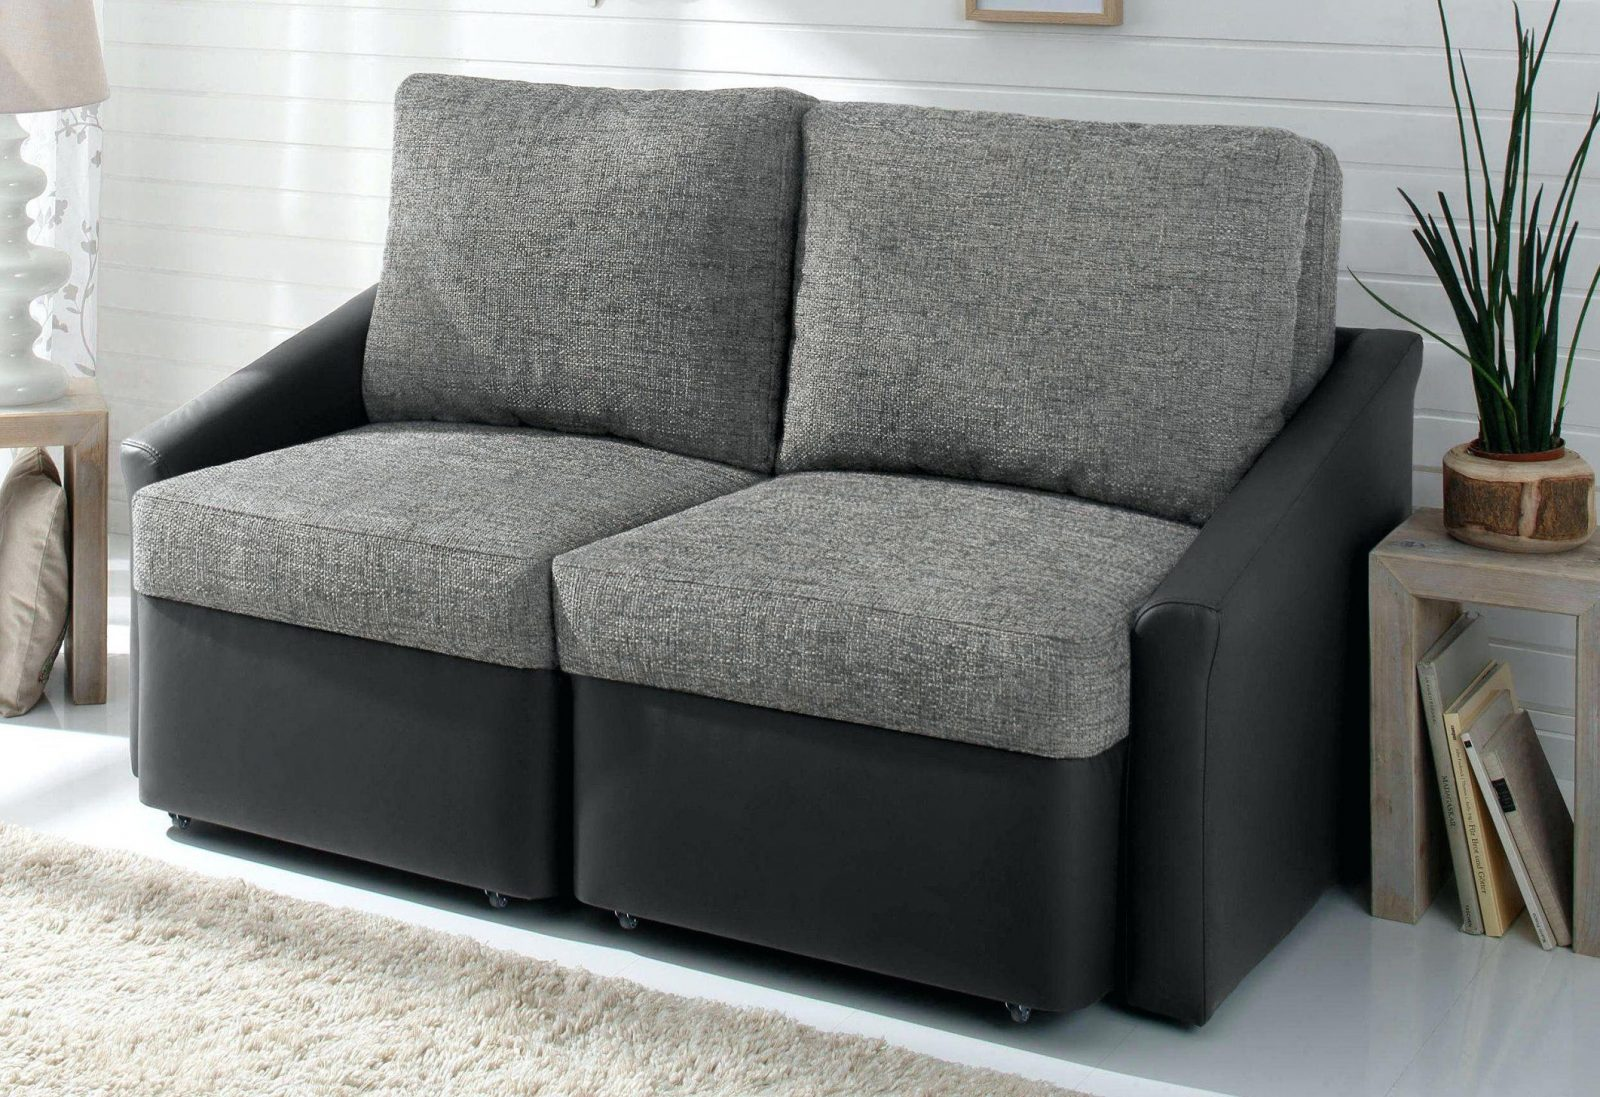 3 Sitzer Sofa Poco Sofa 2 Sitzer Mit Schlaffunktion 2 2 2 ...